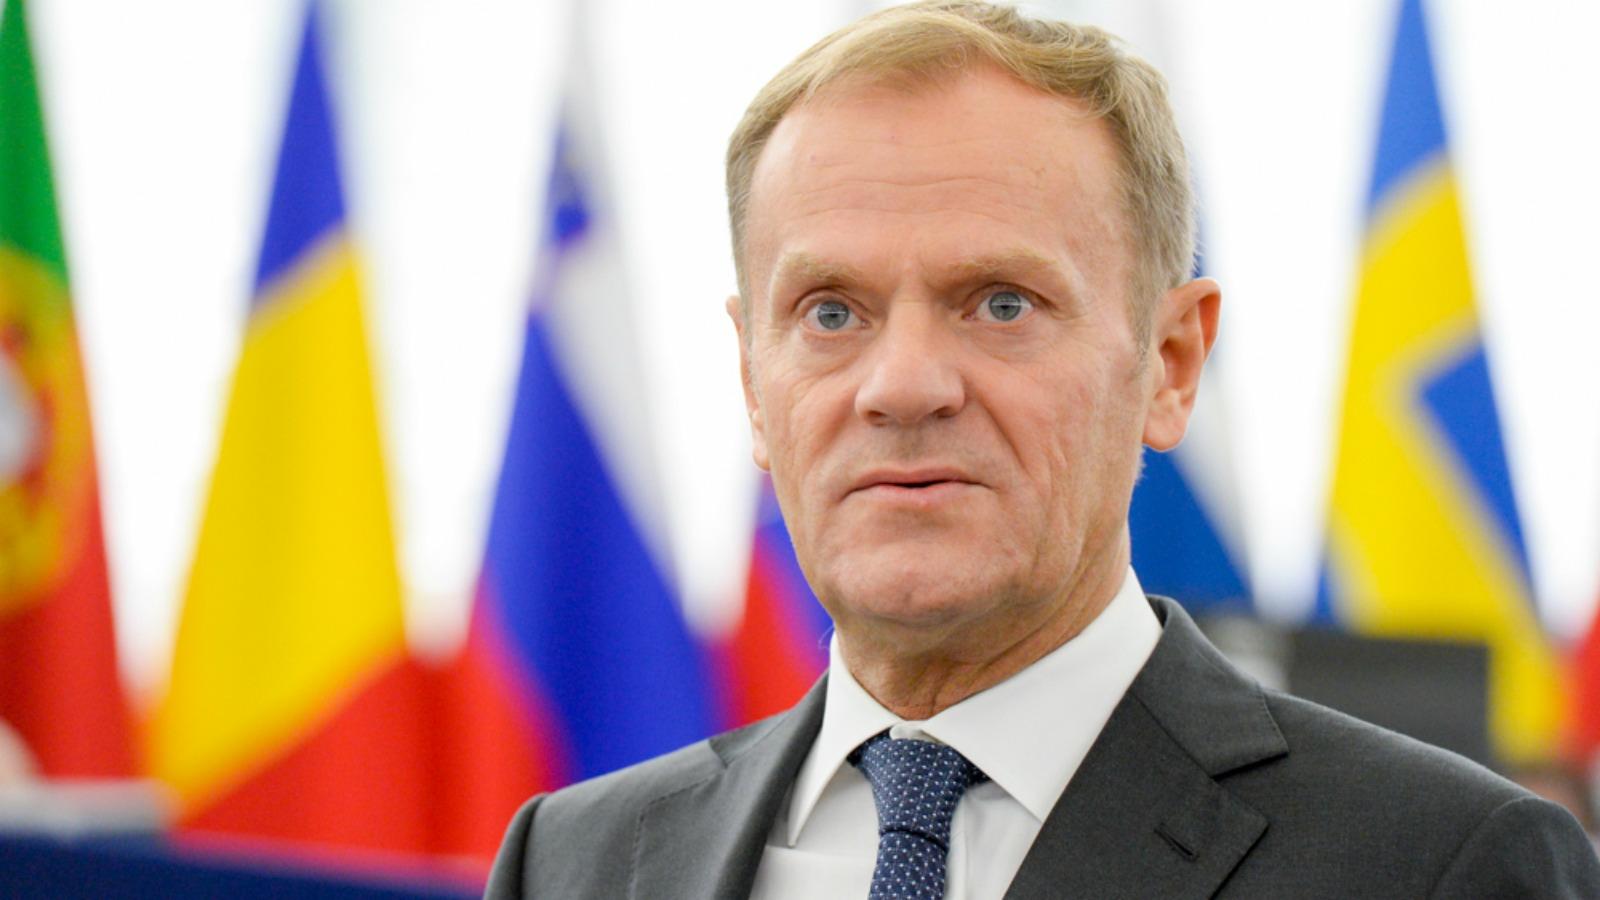 EU Europa Nachrichten Tusk PiS-Partei, Jaroslaw Kaczynski